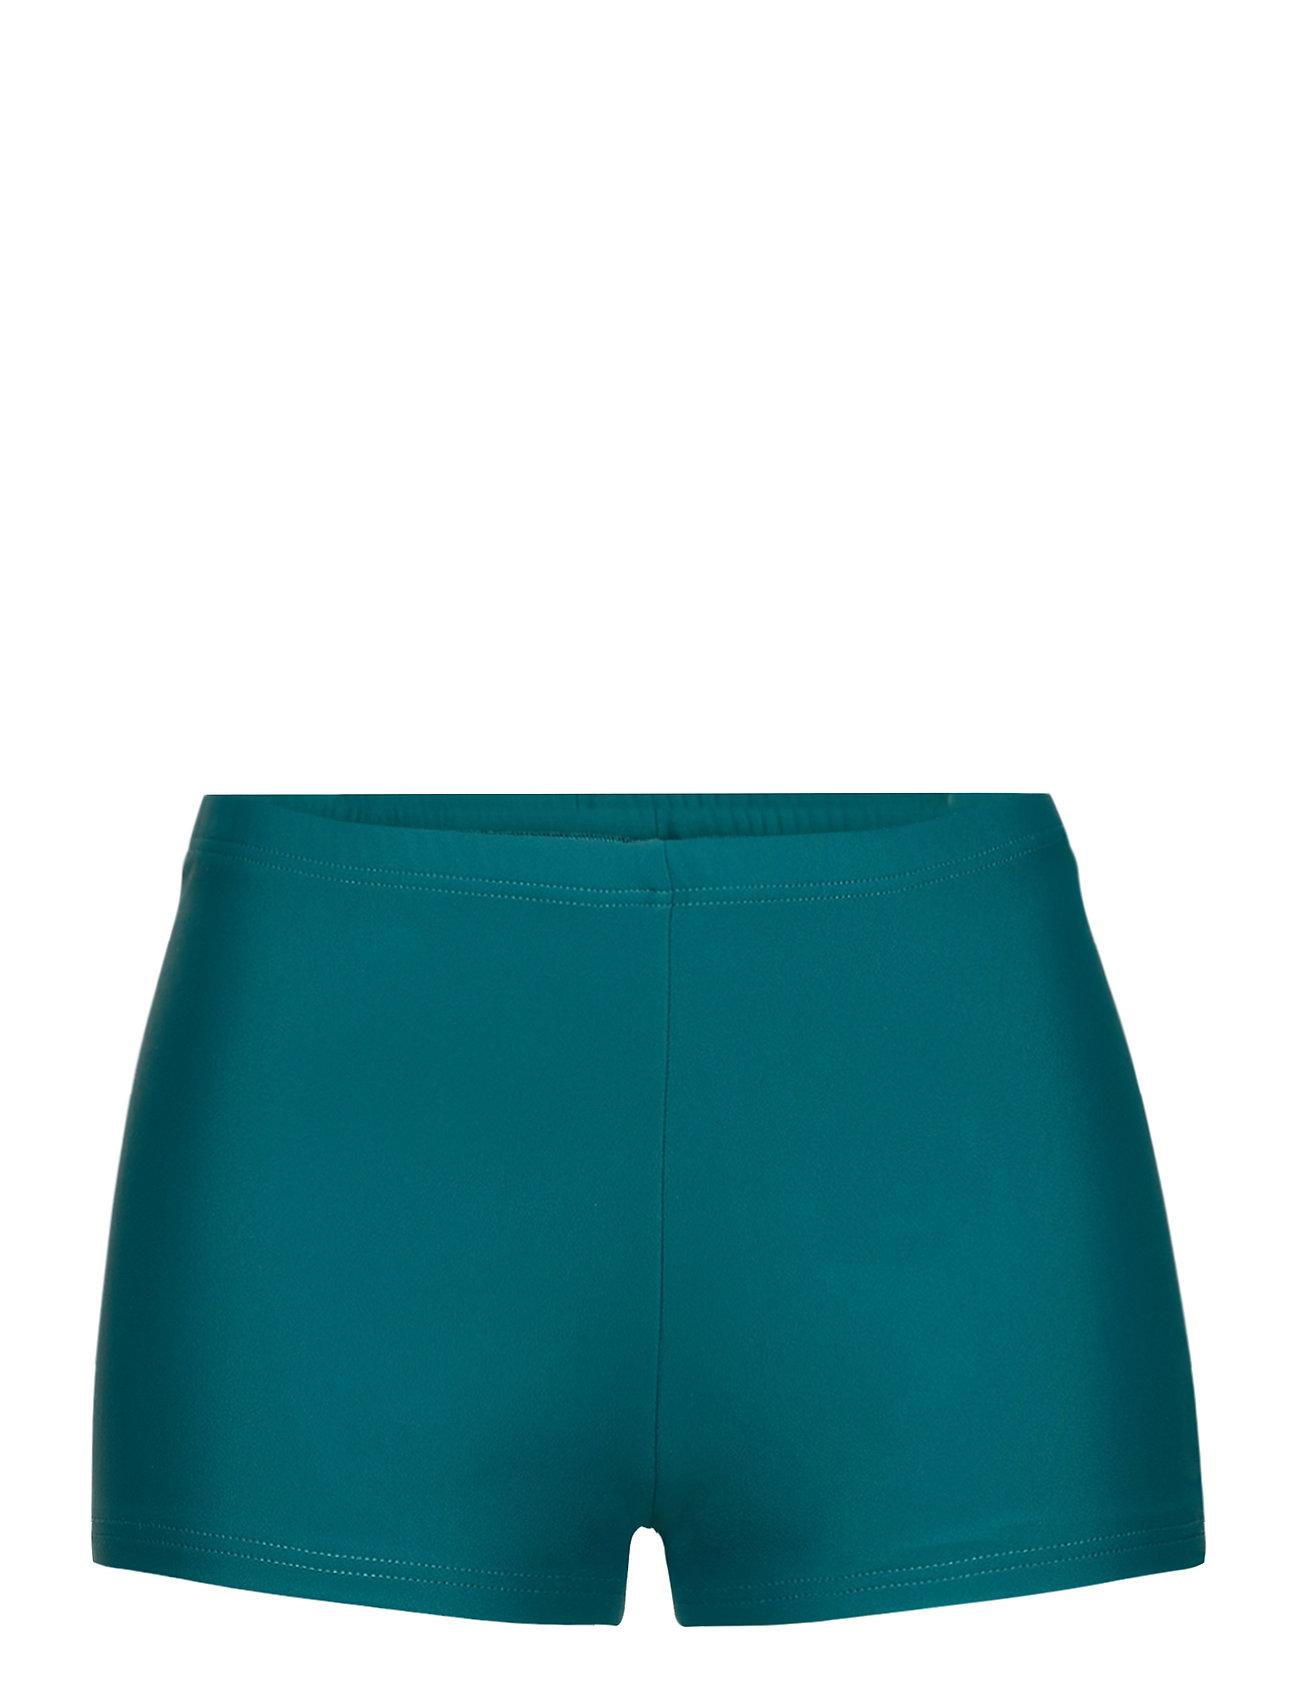 Image of Shark Bikinitrusser Blå Scampi (3485022105)